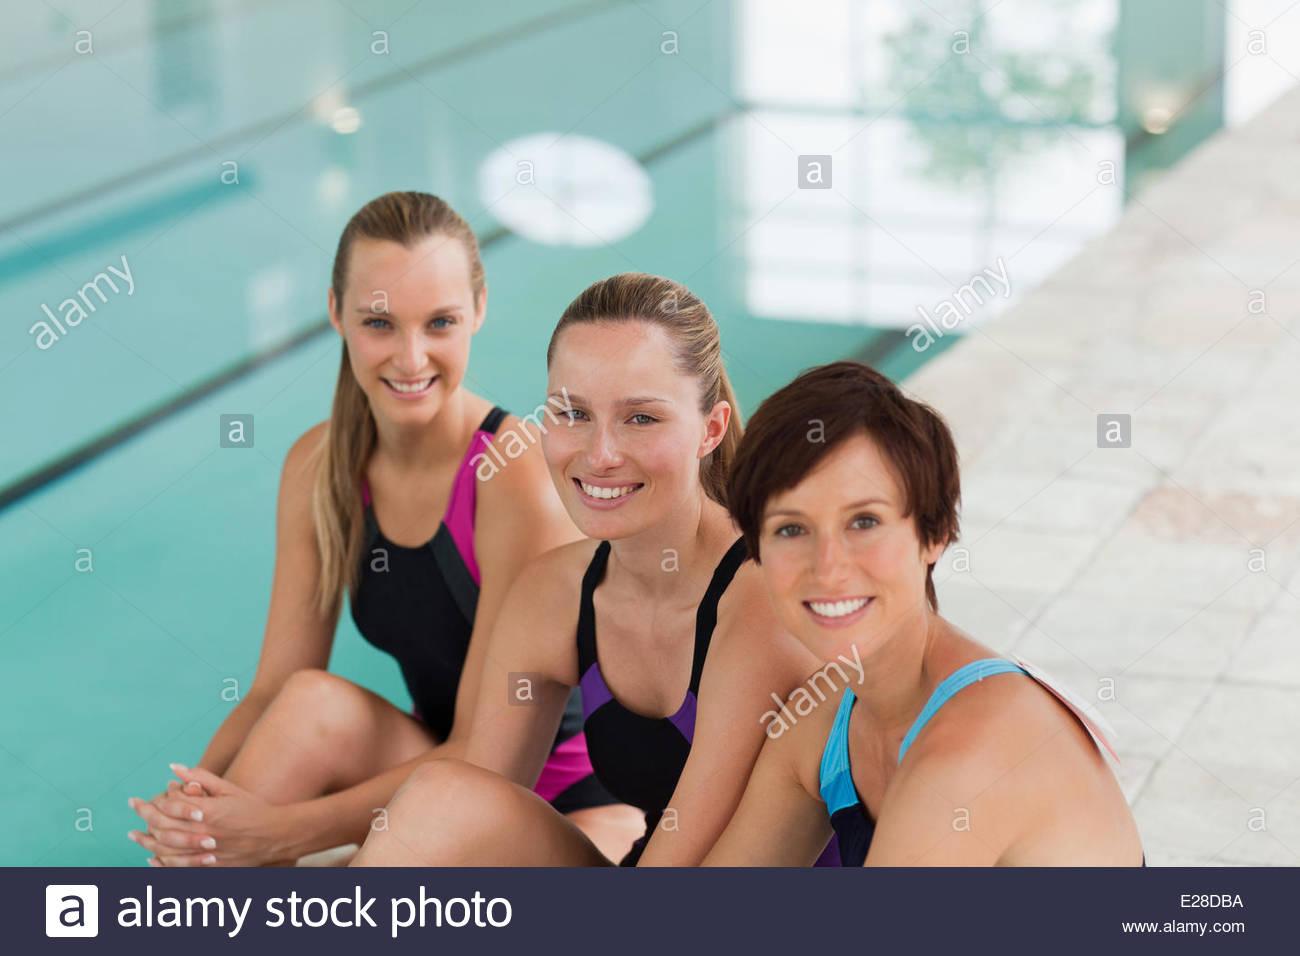 Sorridente giovane donna seduta al bordo della piscina Immagini Stock